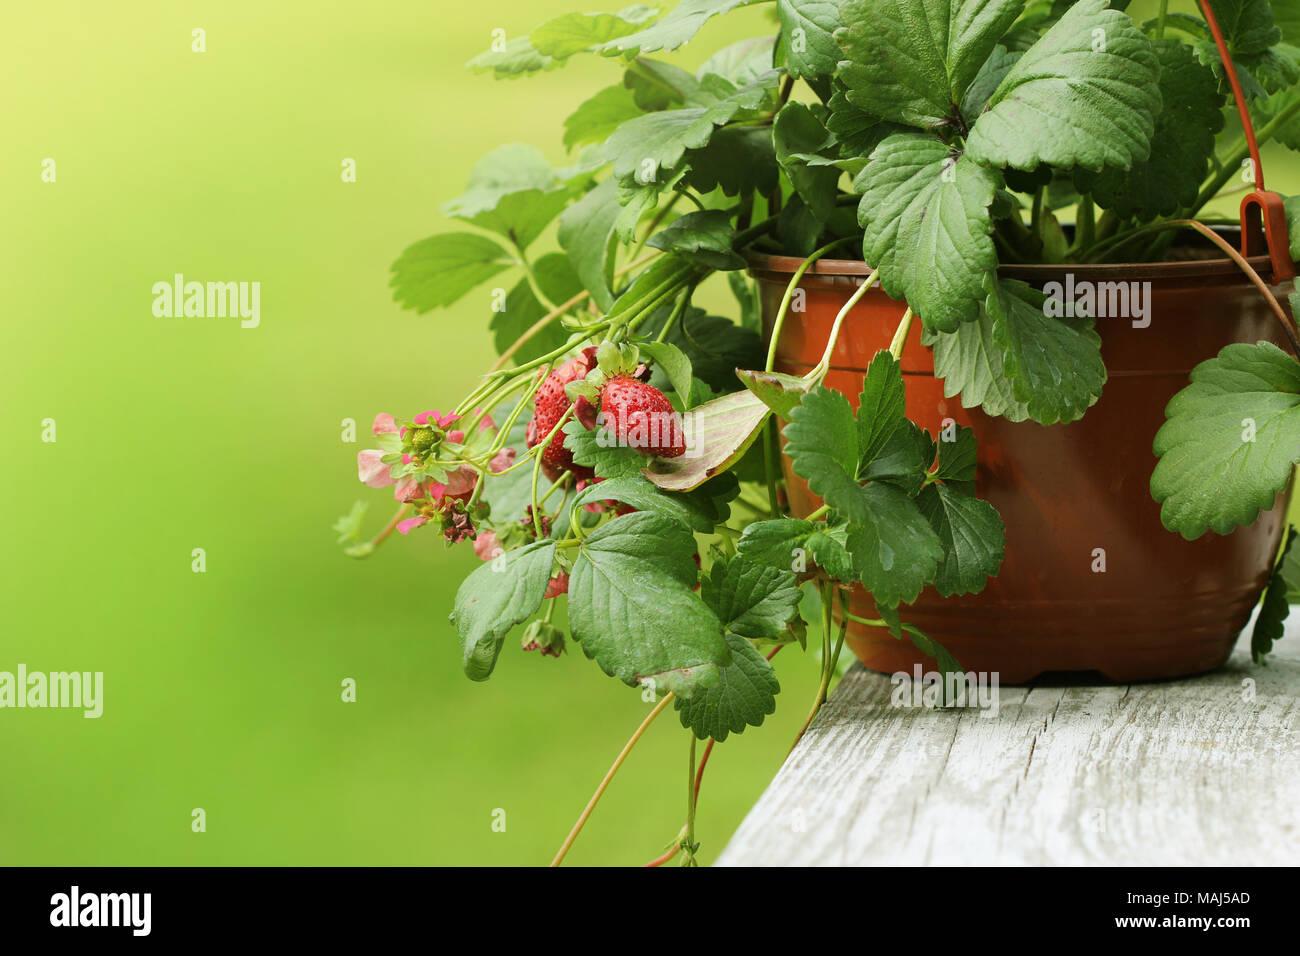 Alpine strawberry plant in pot with pink flower on green backgroun alpine strawberry plant in pot with pink flower on green backgroun stock photo 178649589 alamy mightylinksfo Gallery